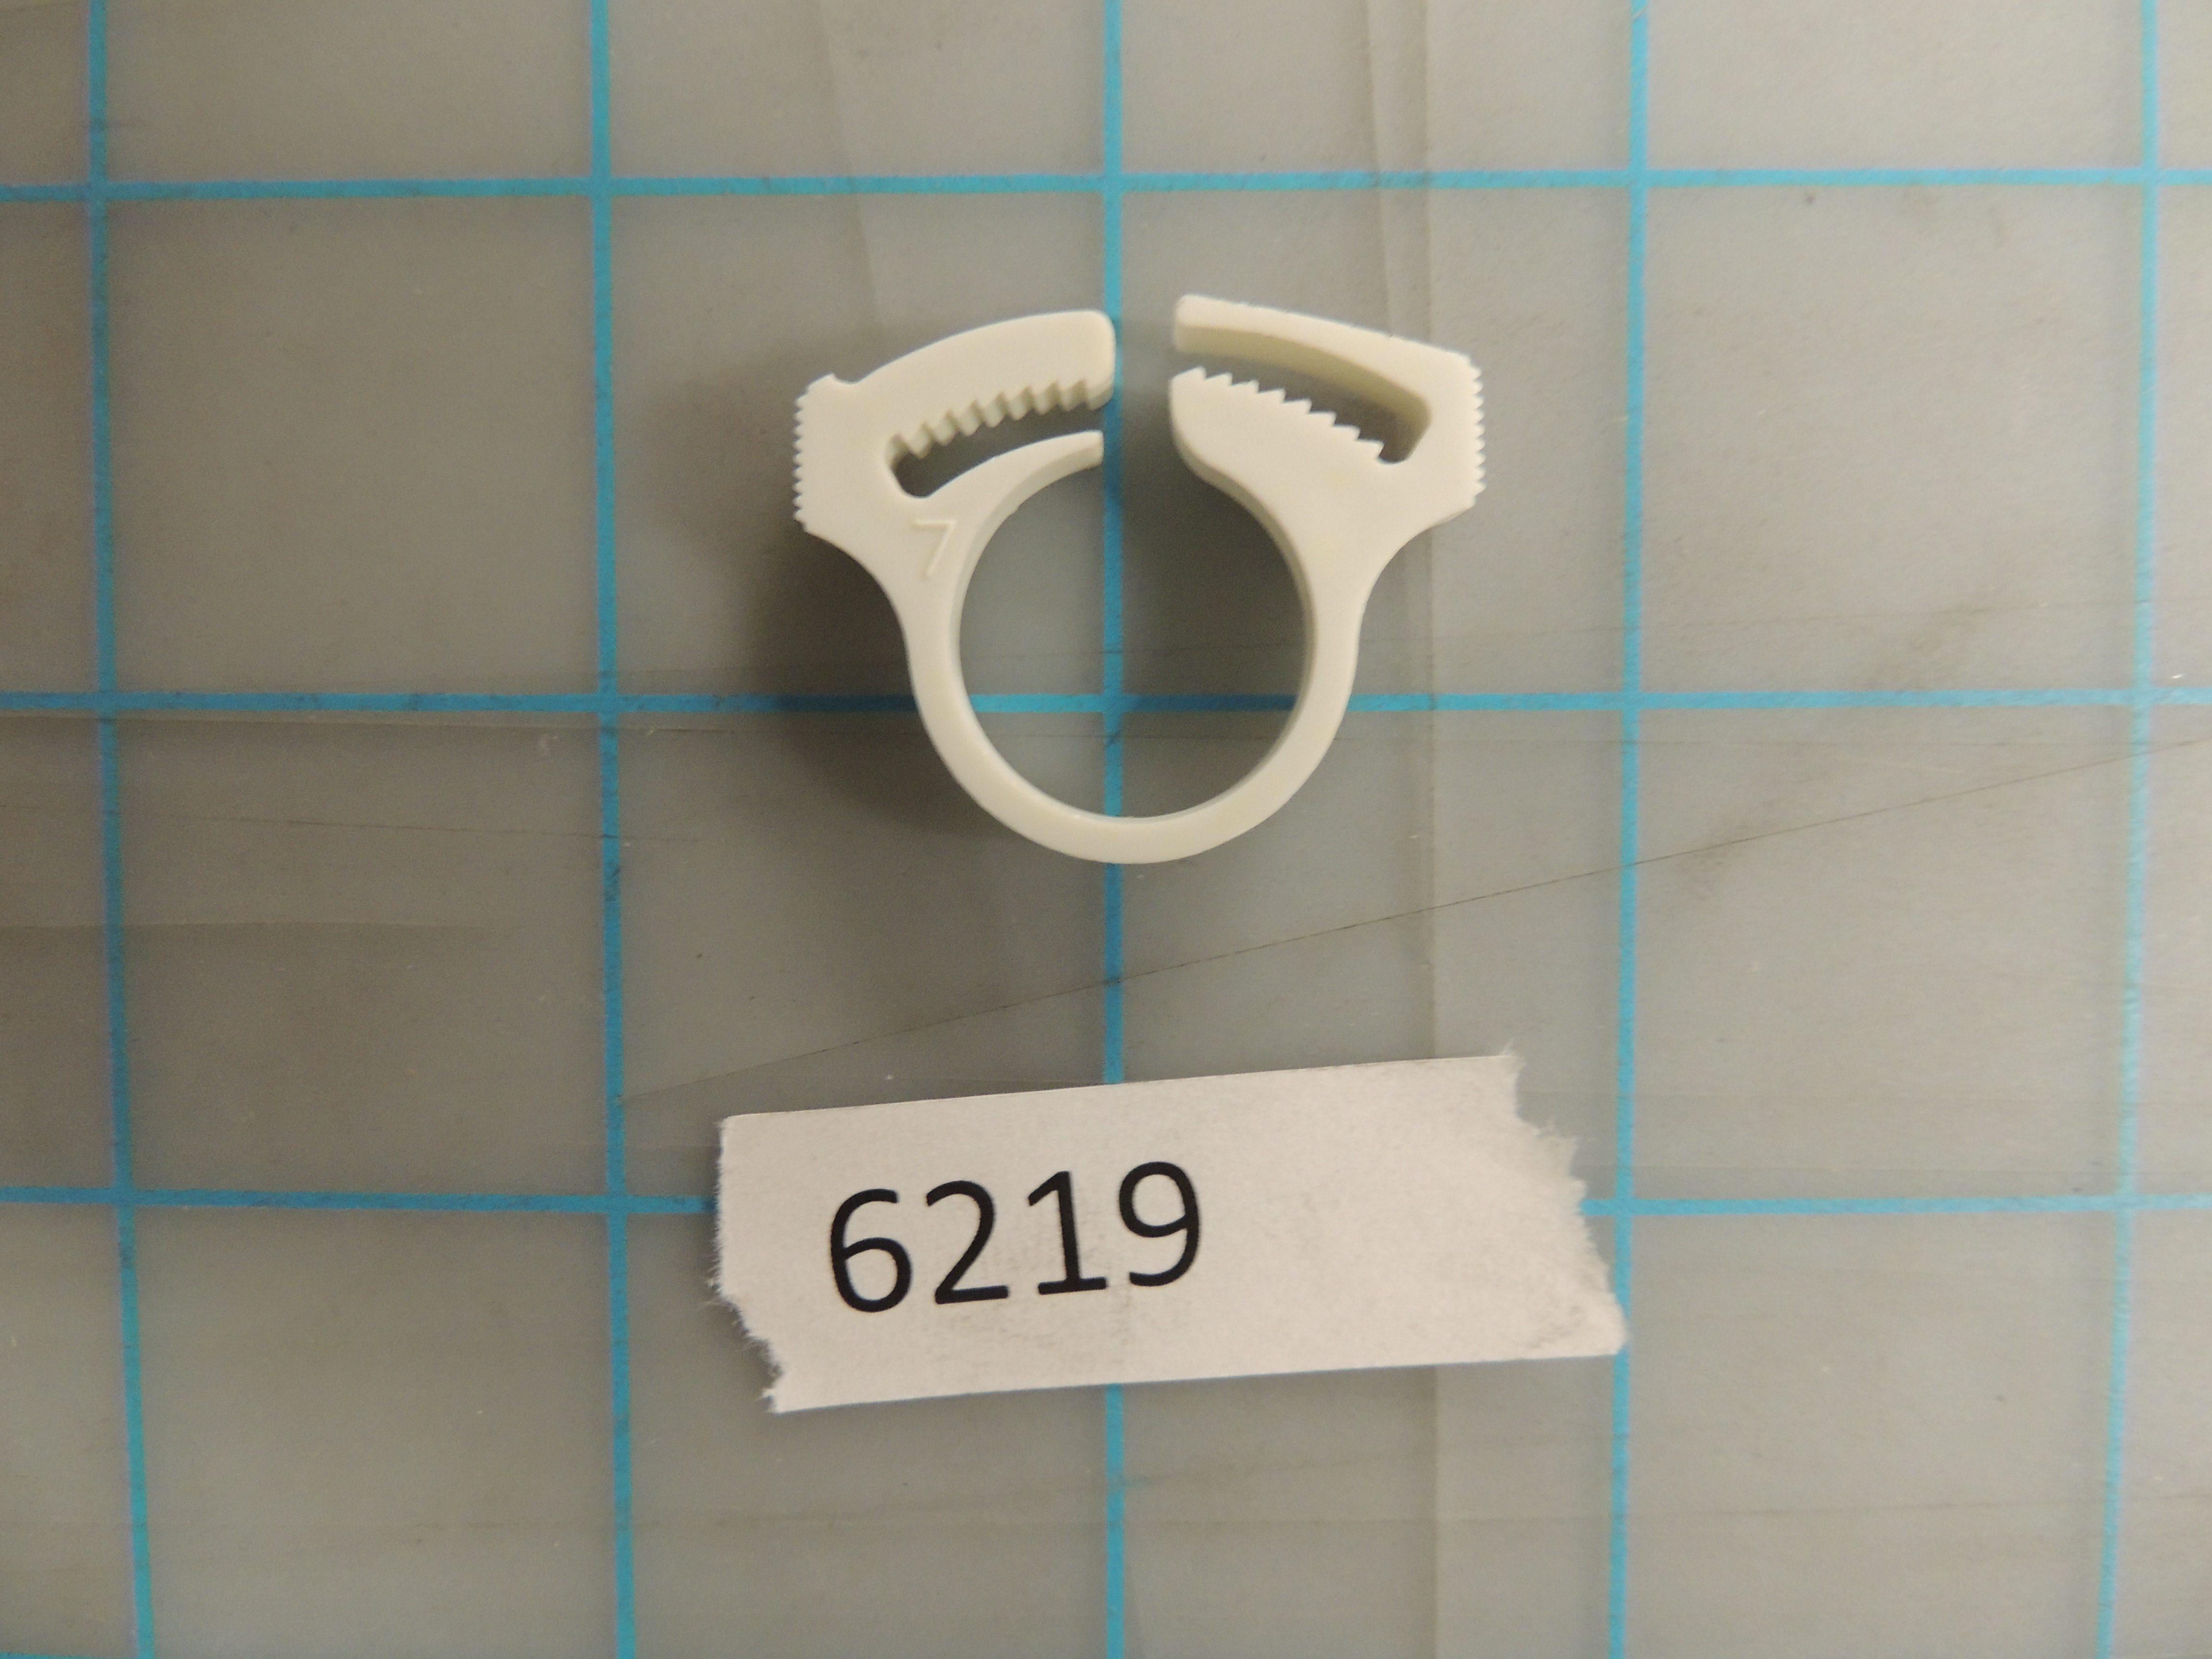 DKC445 HOSE CLAMPS